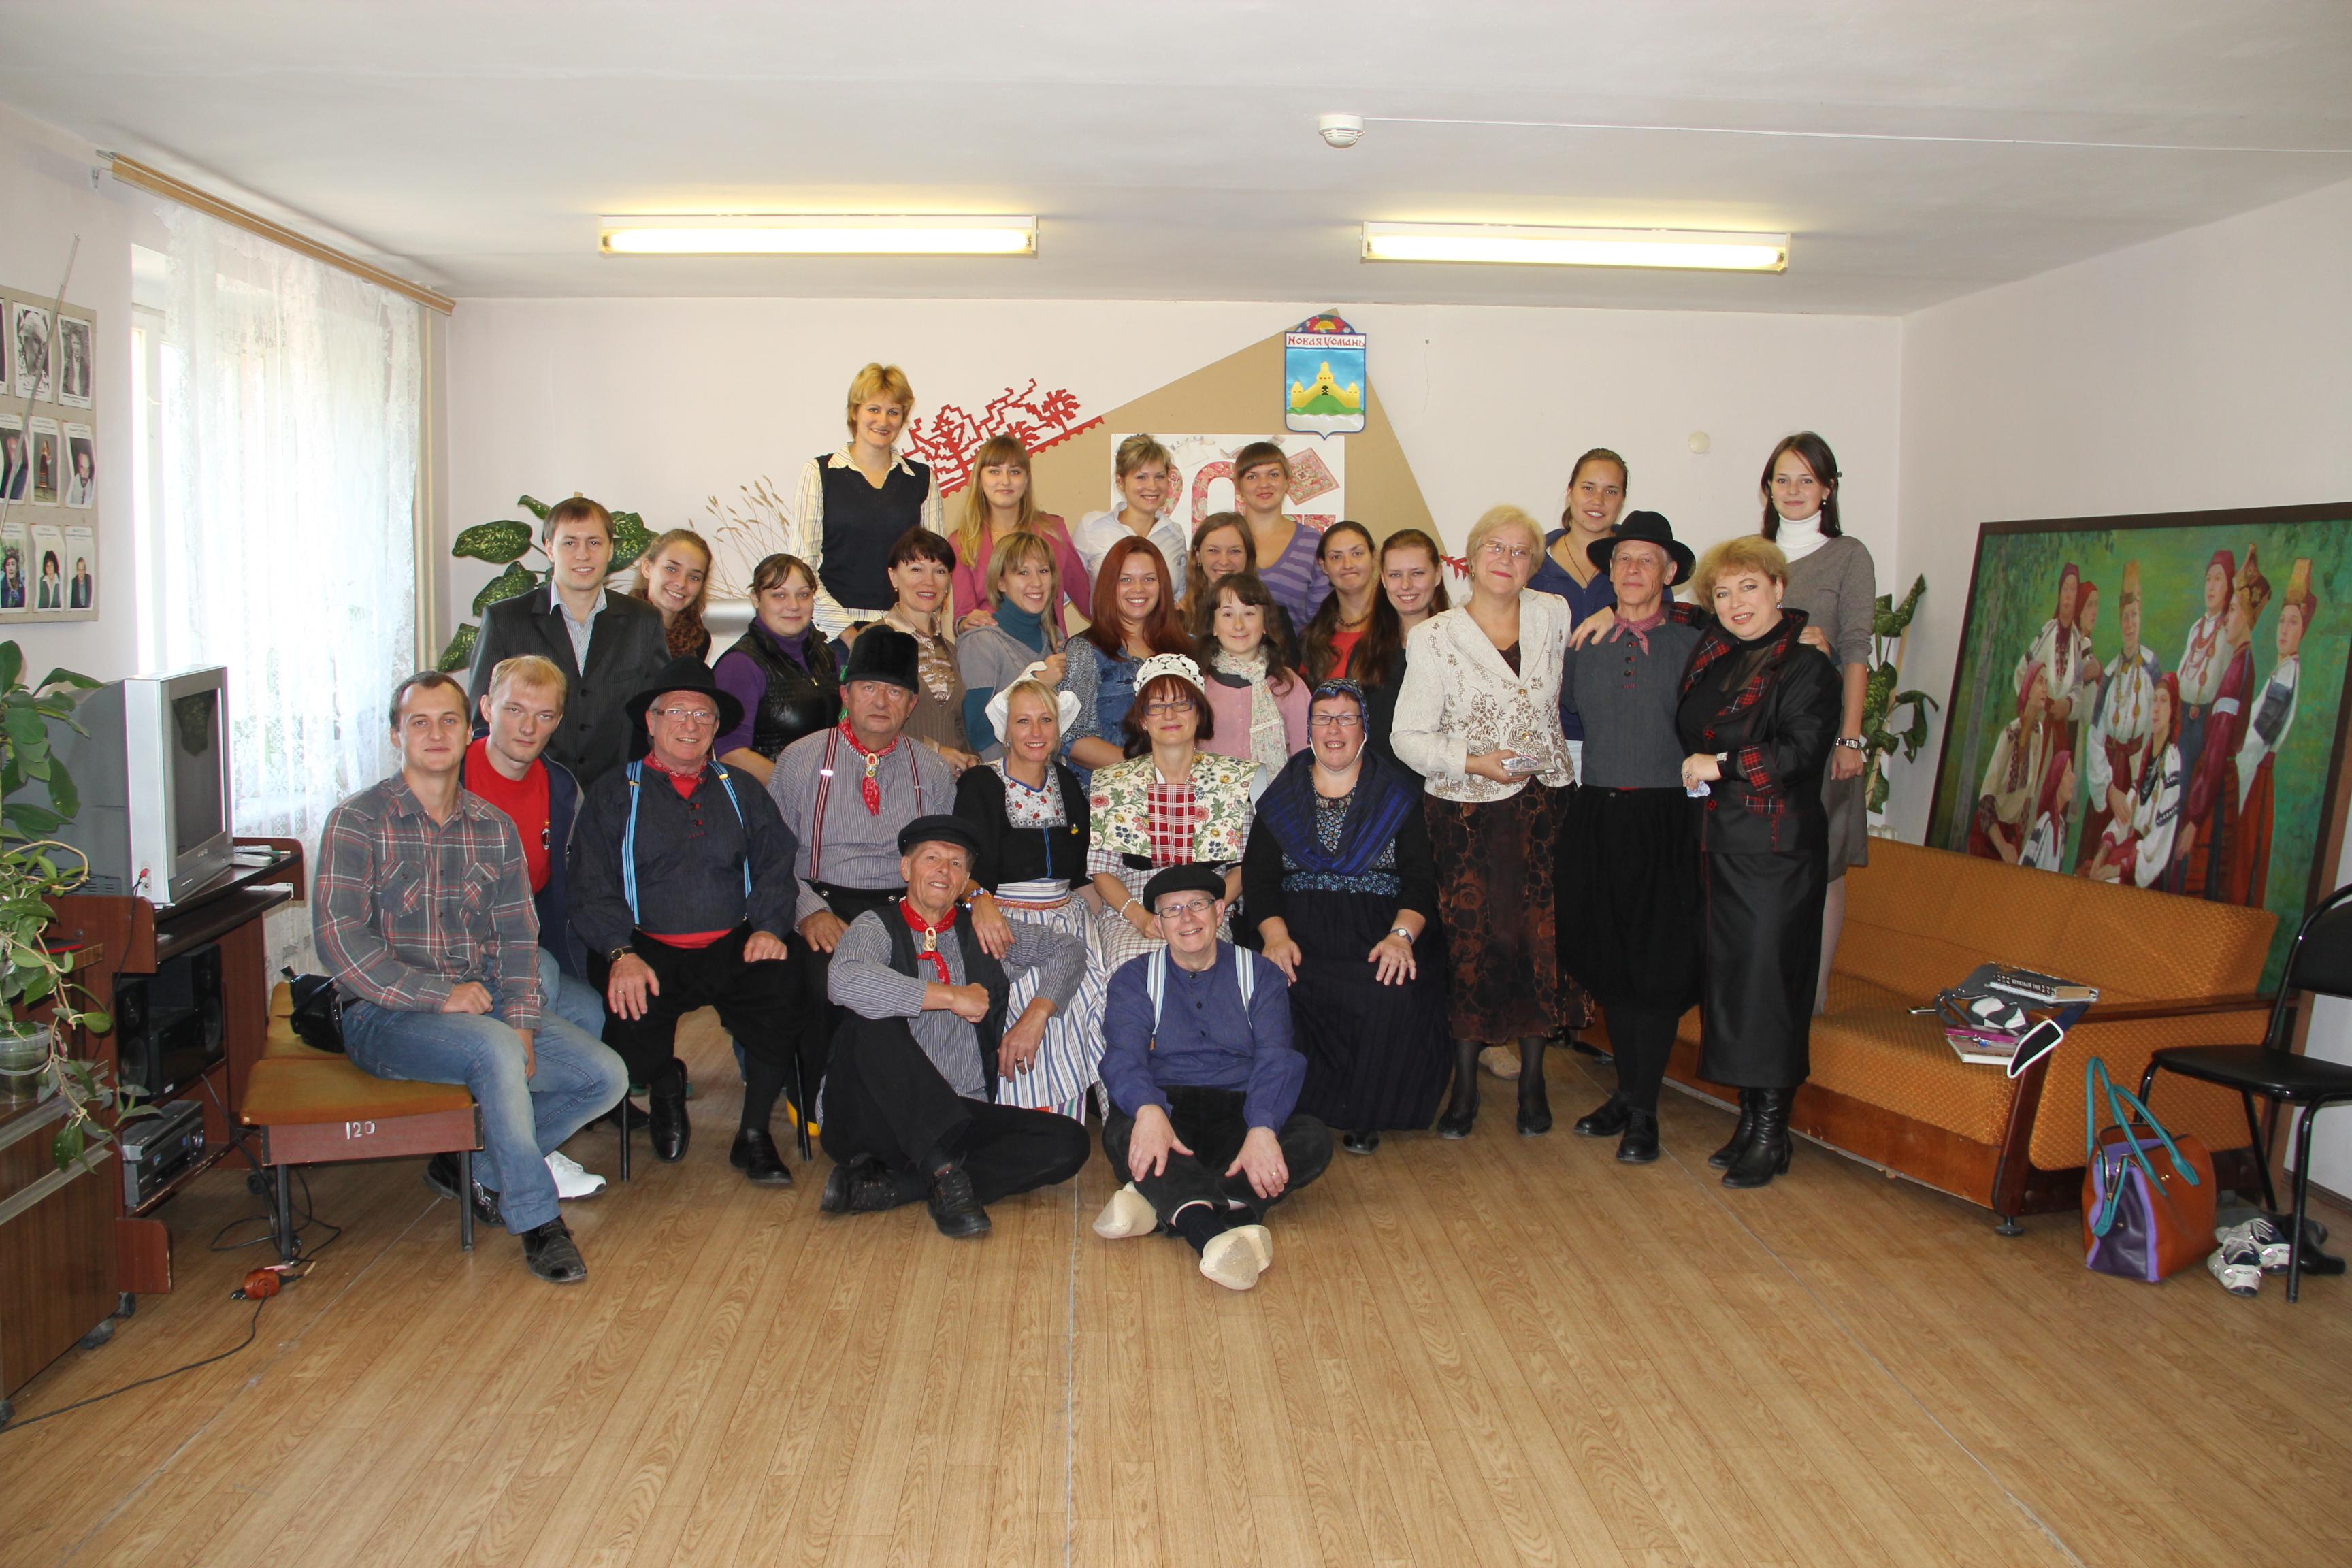 Academie van de kunst in Woronjezh na het concert van Zarjanka 12.09.12